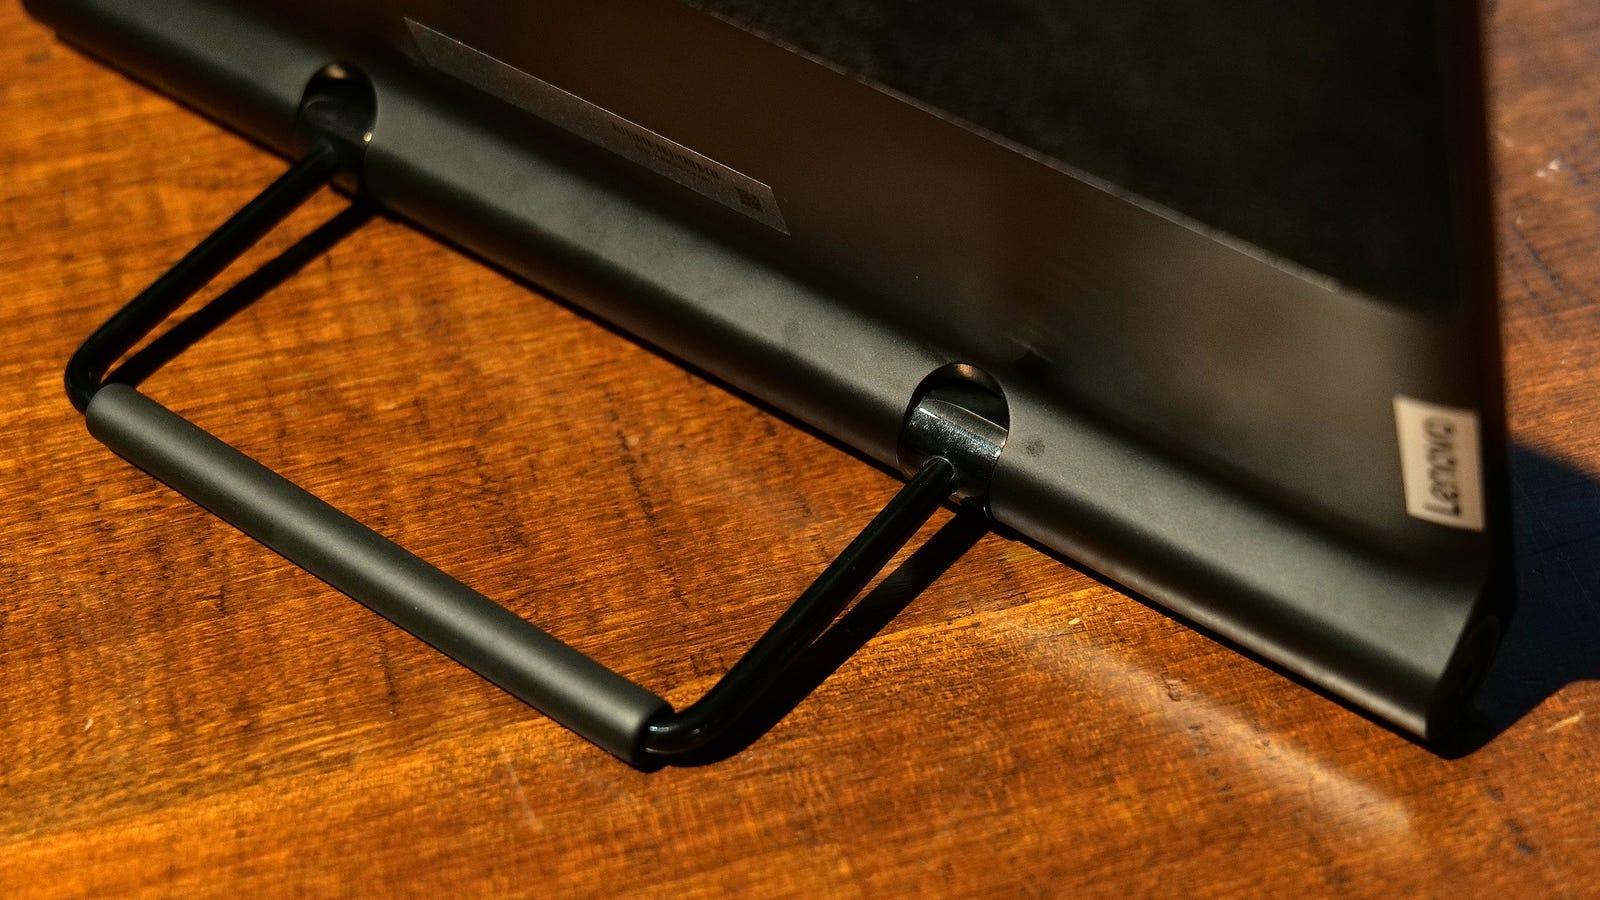 Hay una pequeña palanca en la parte trasera que permite colocar la tableta de diversas formas.